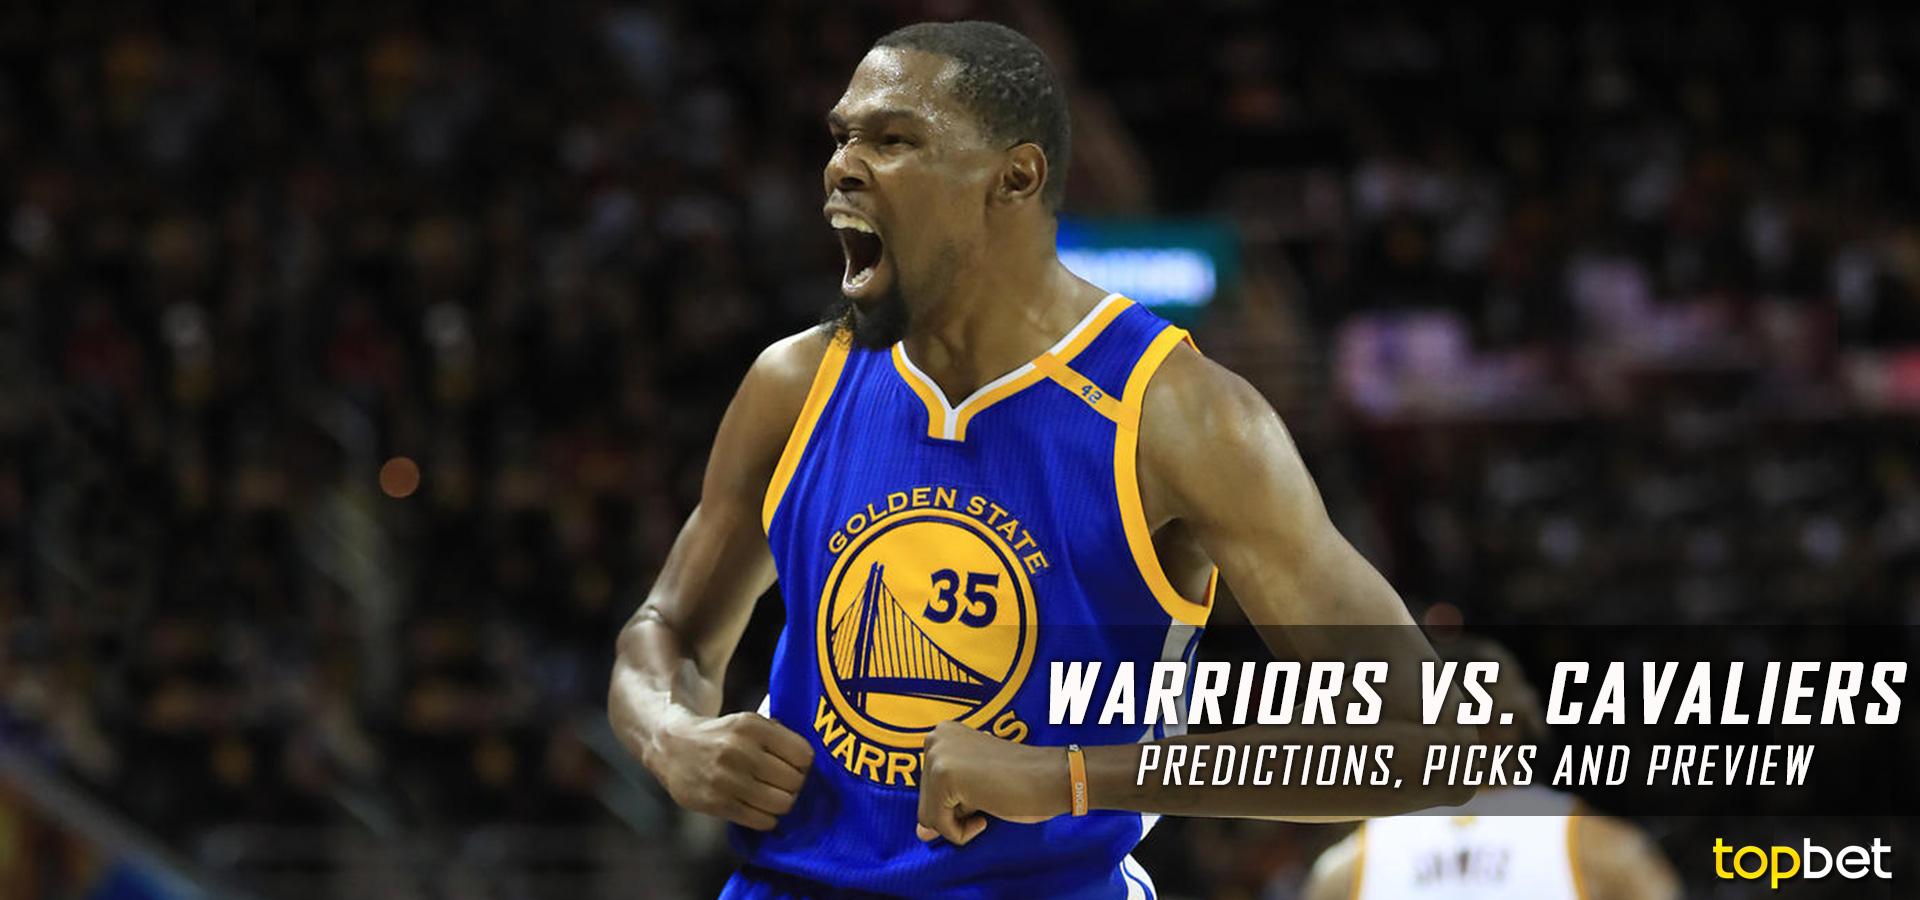 warriors vs cavaliers - photo #21